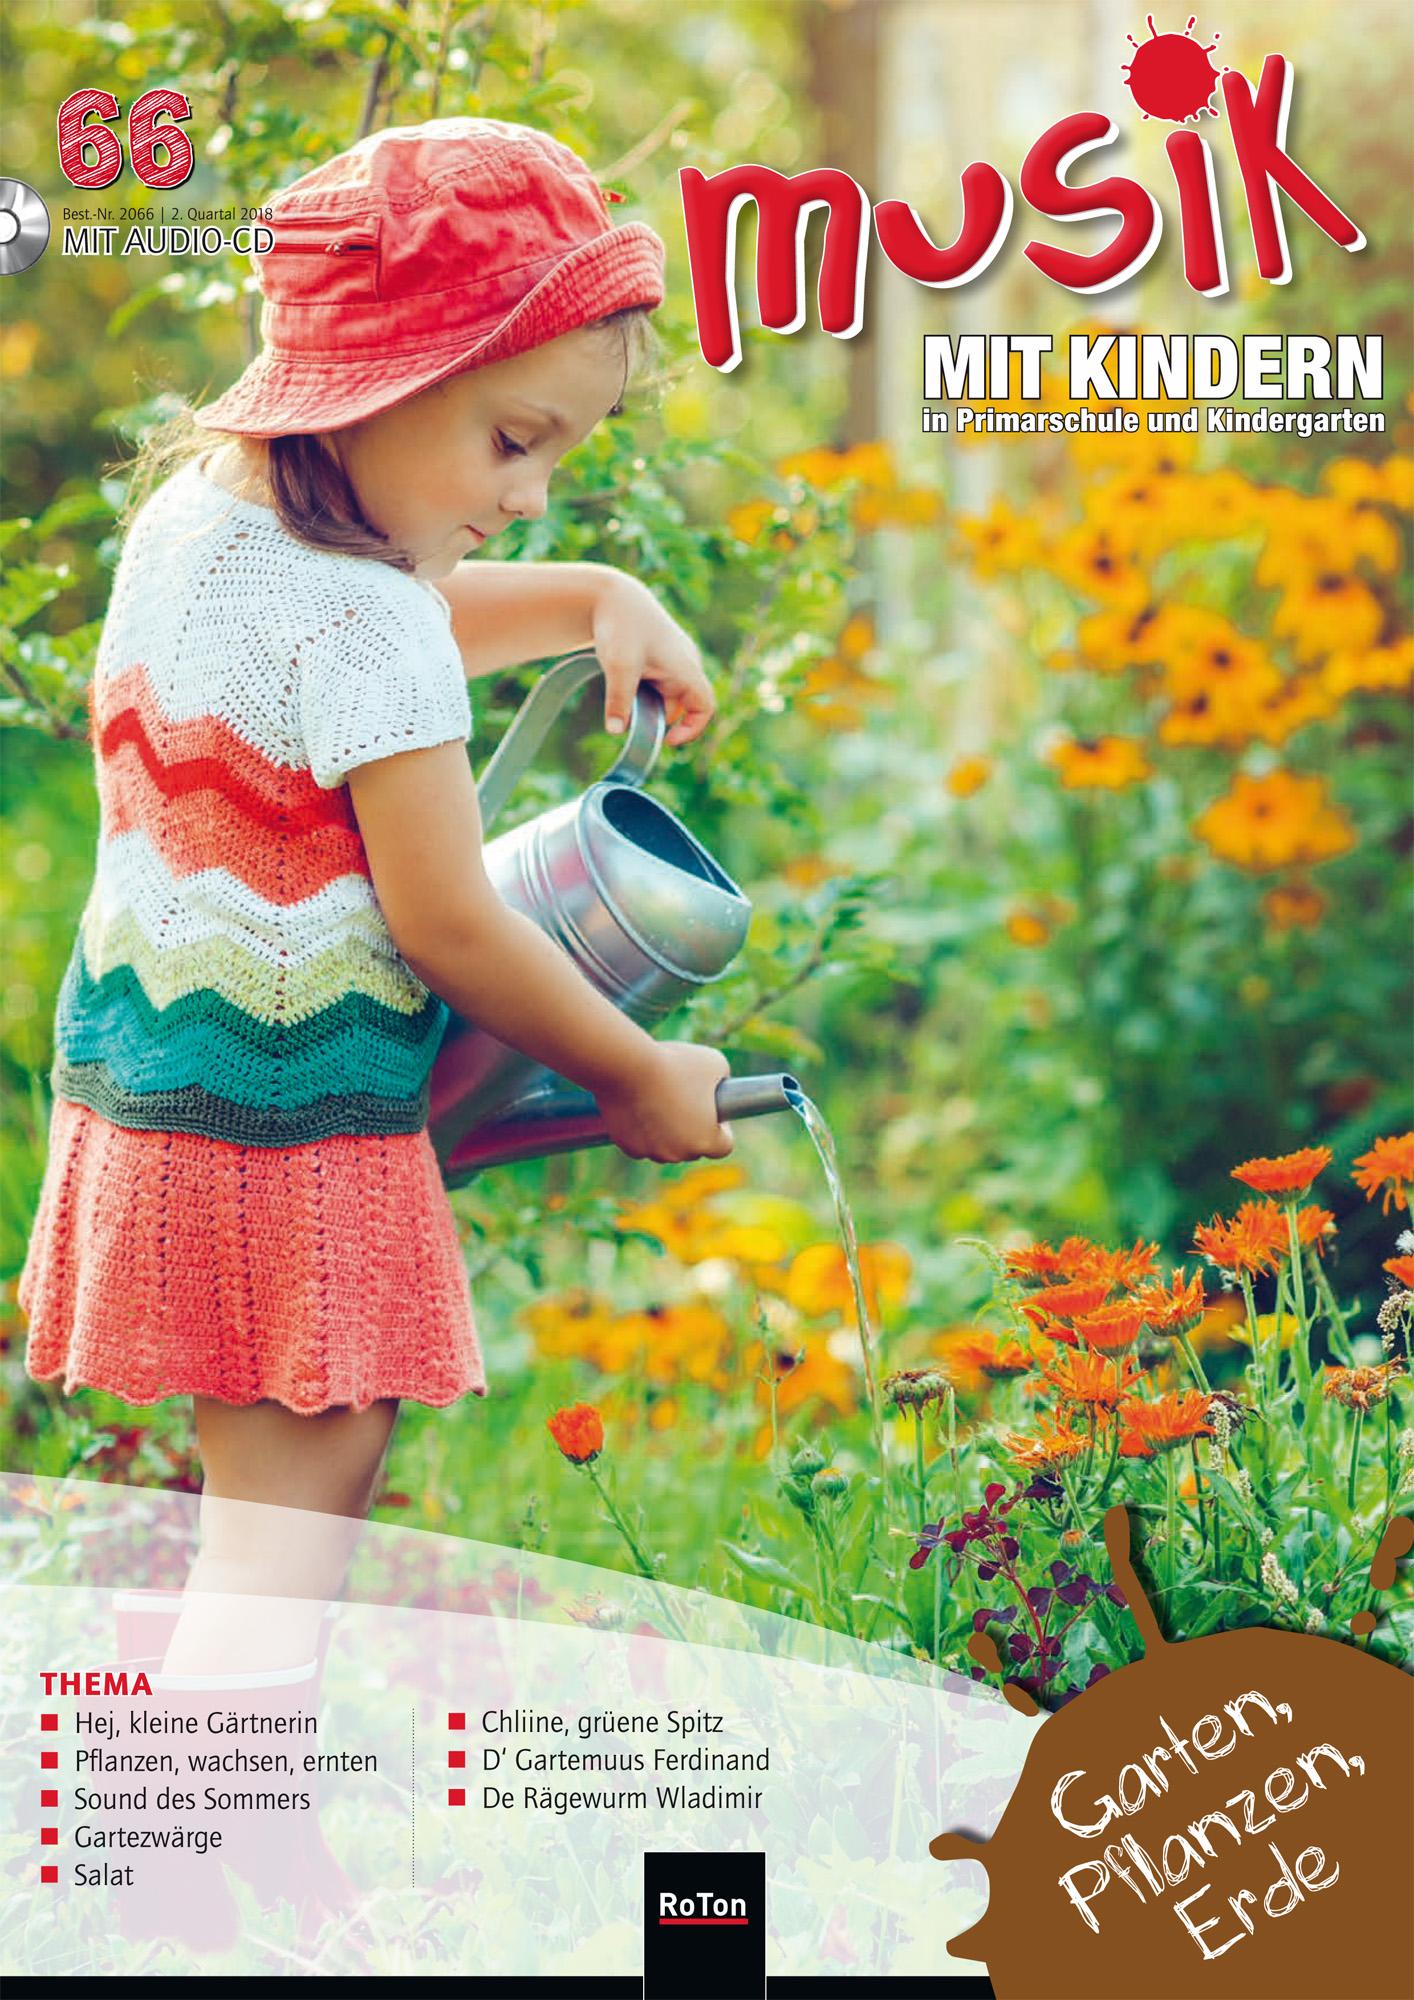 Ausgabe Nr. 66 – Garten, Pflanzen, Erde – Musik mit Kindern